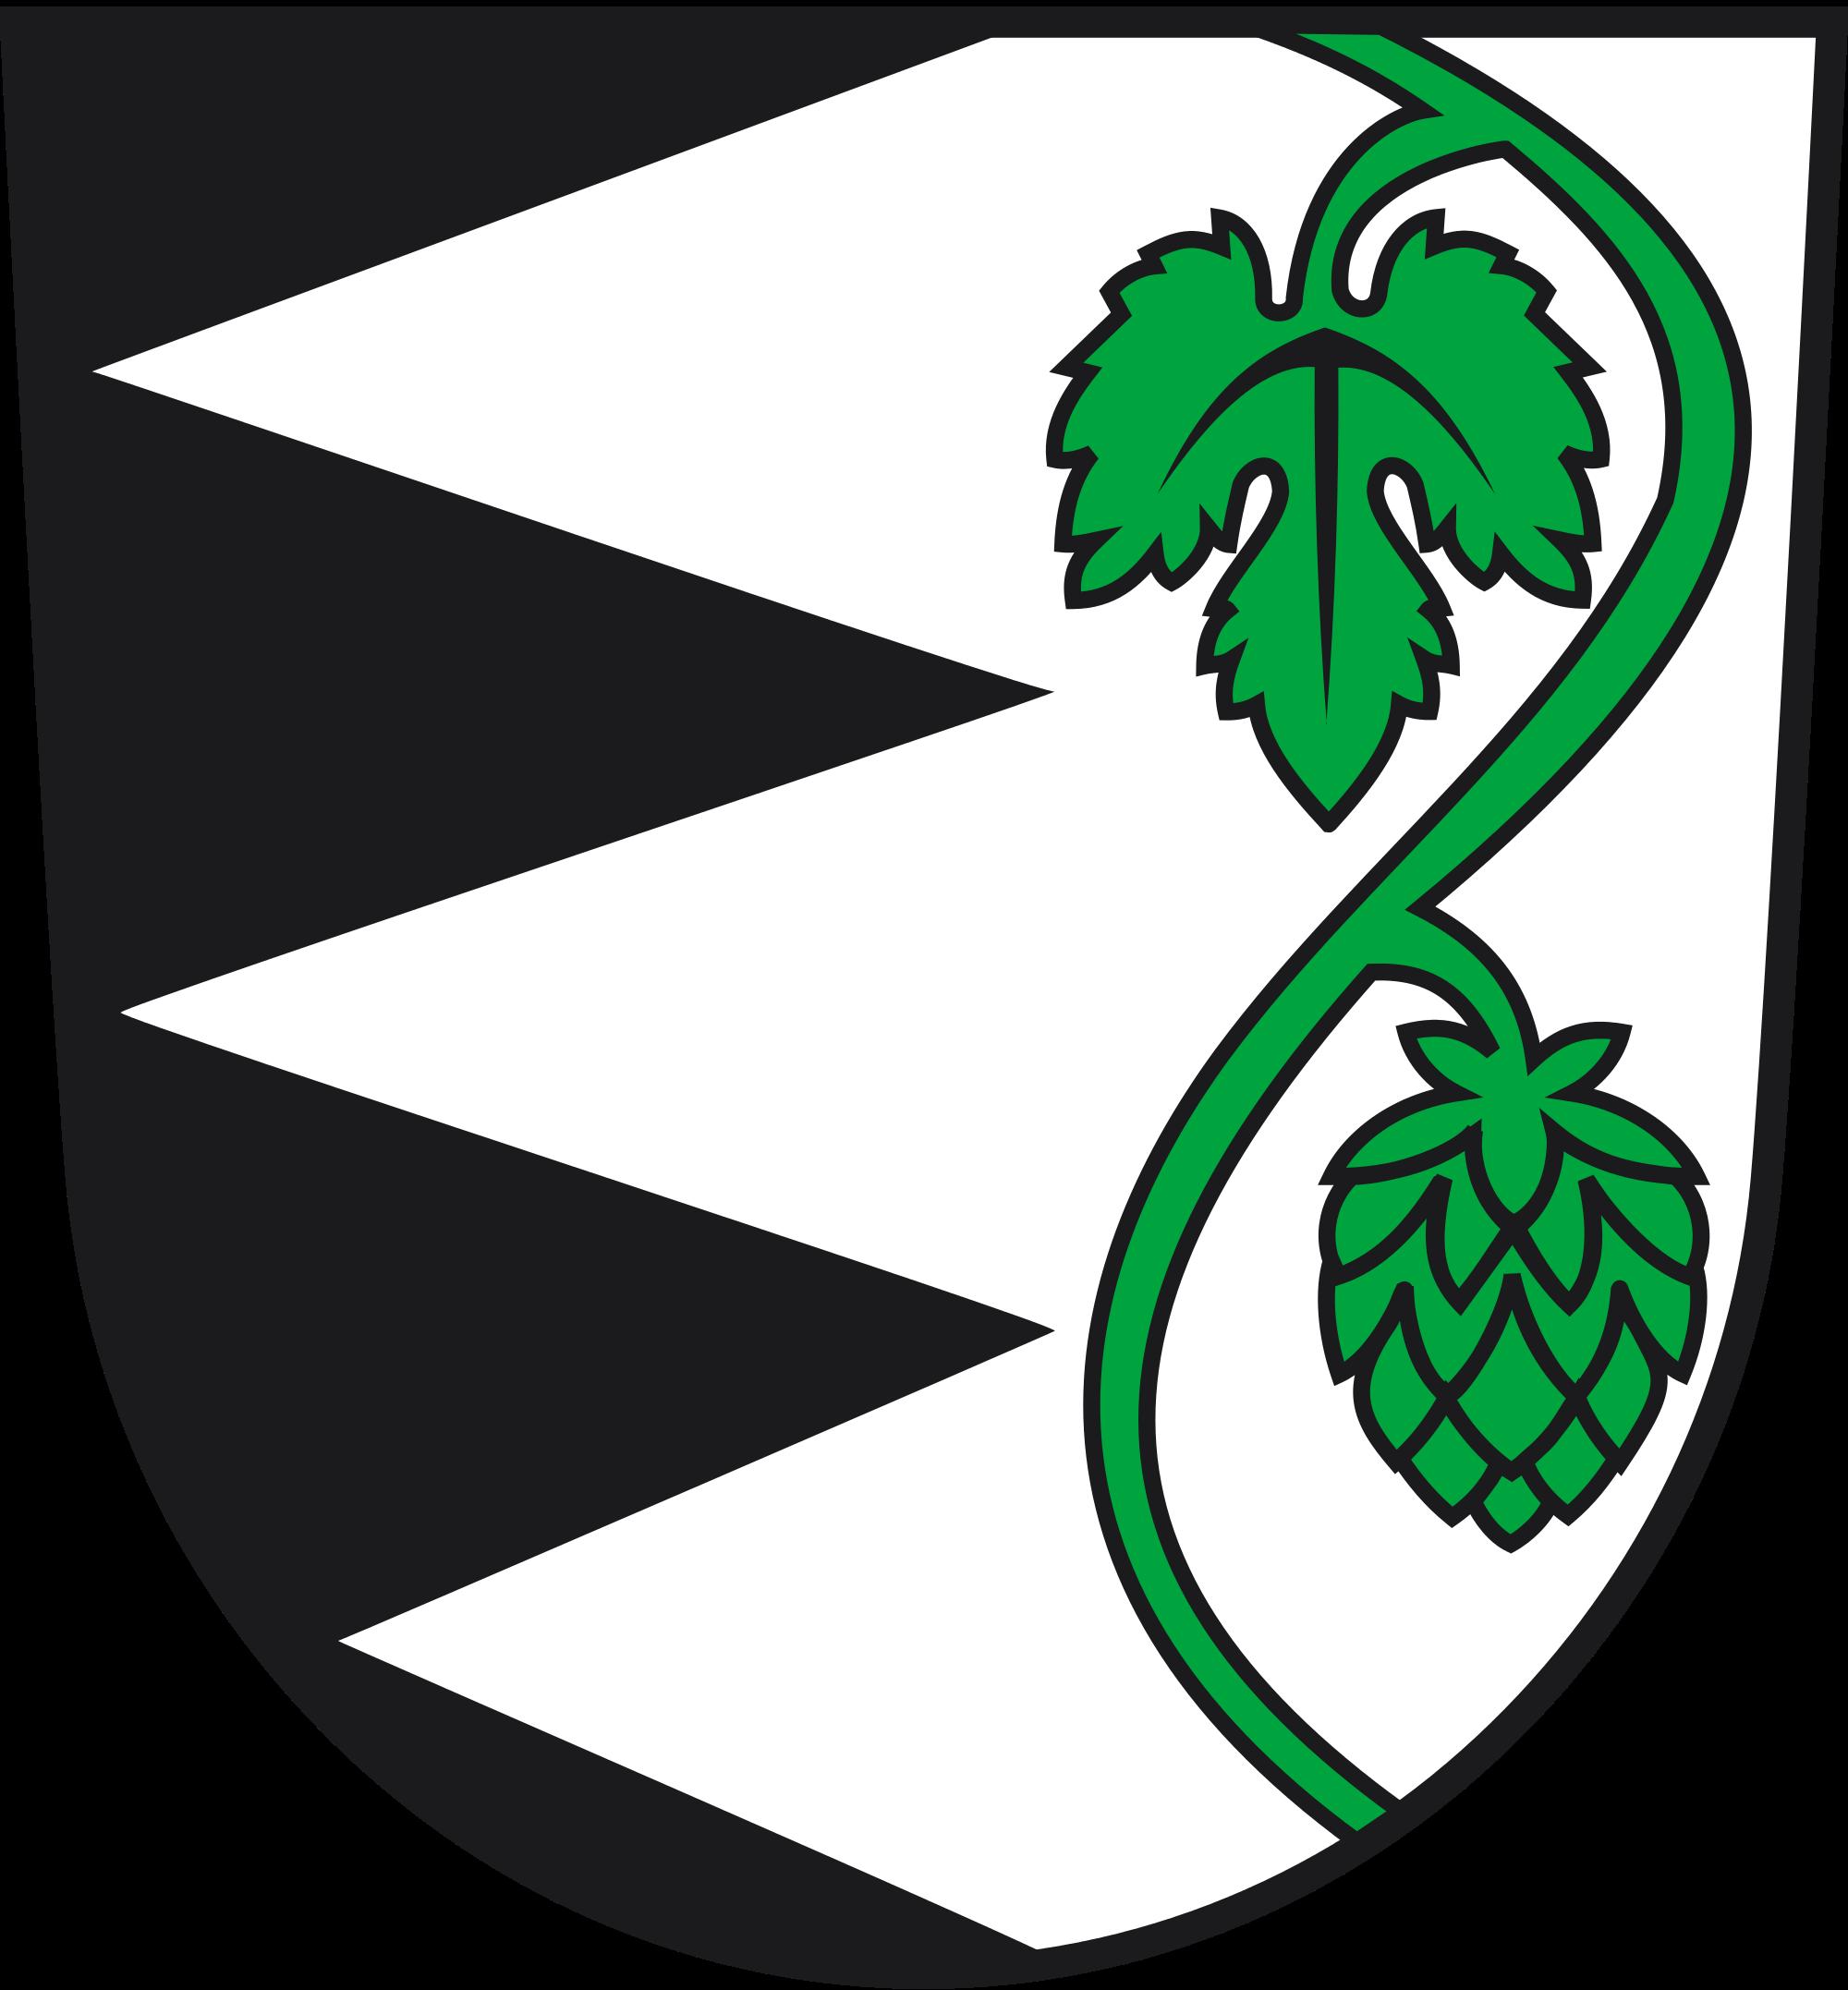 File:Wappen Rohrbach Ilm.svg.